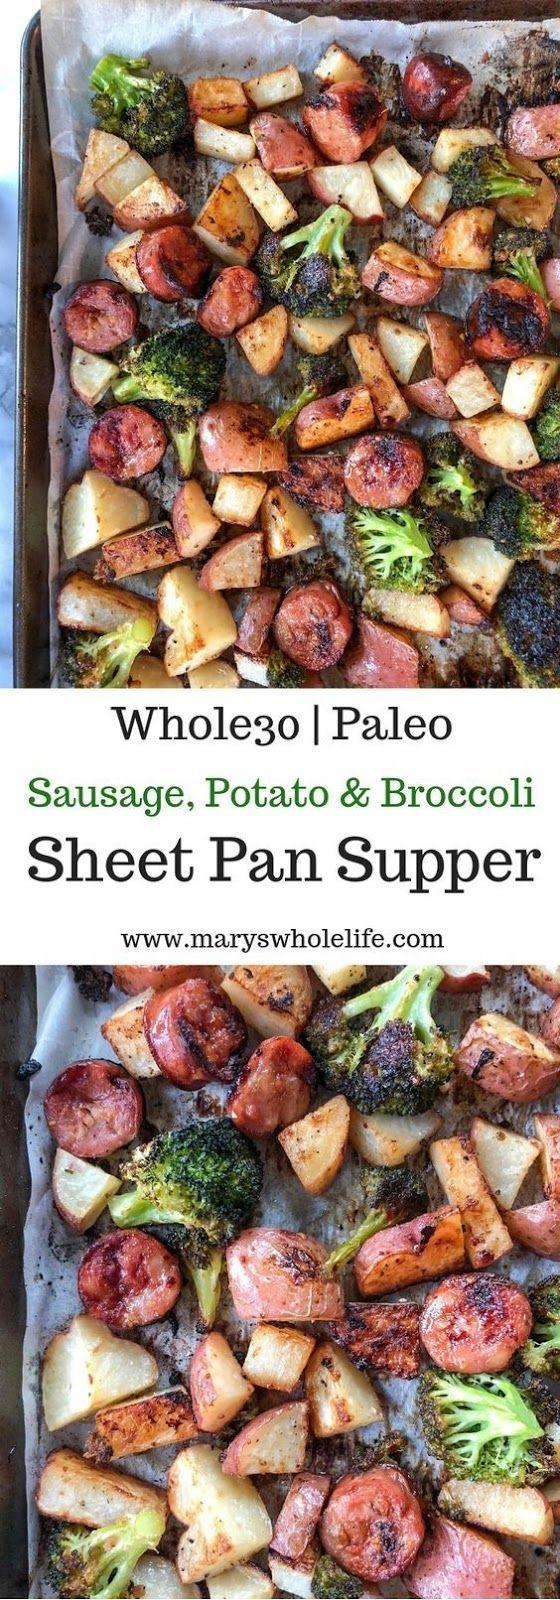 Sausage Potato  Broccoli Sheet Pan Supper  Kabarkoran Recipes